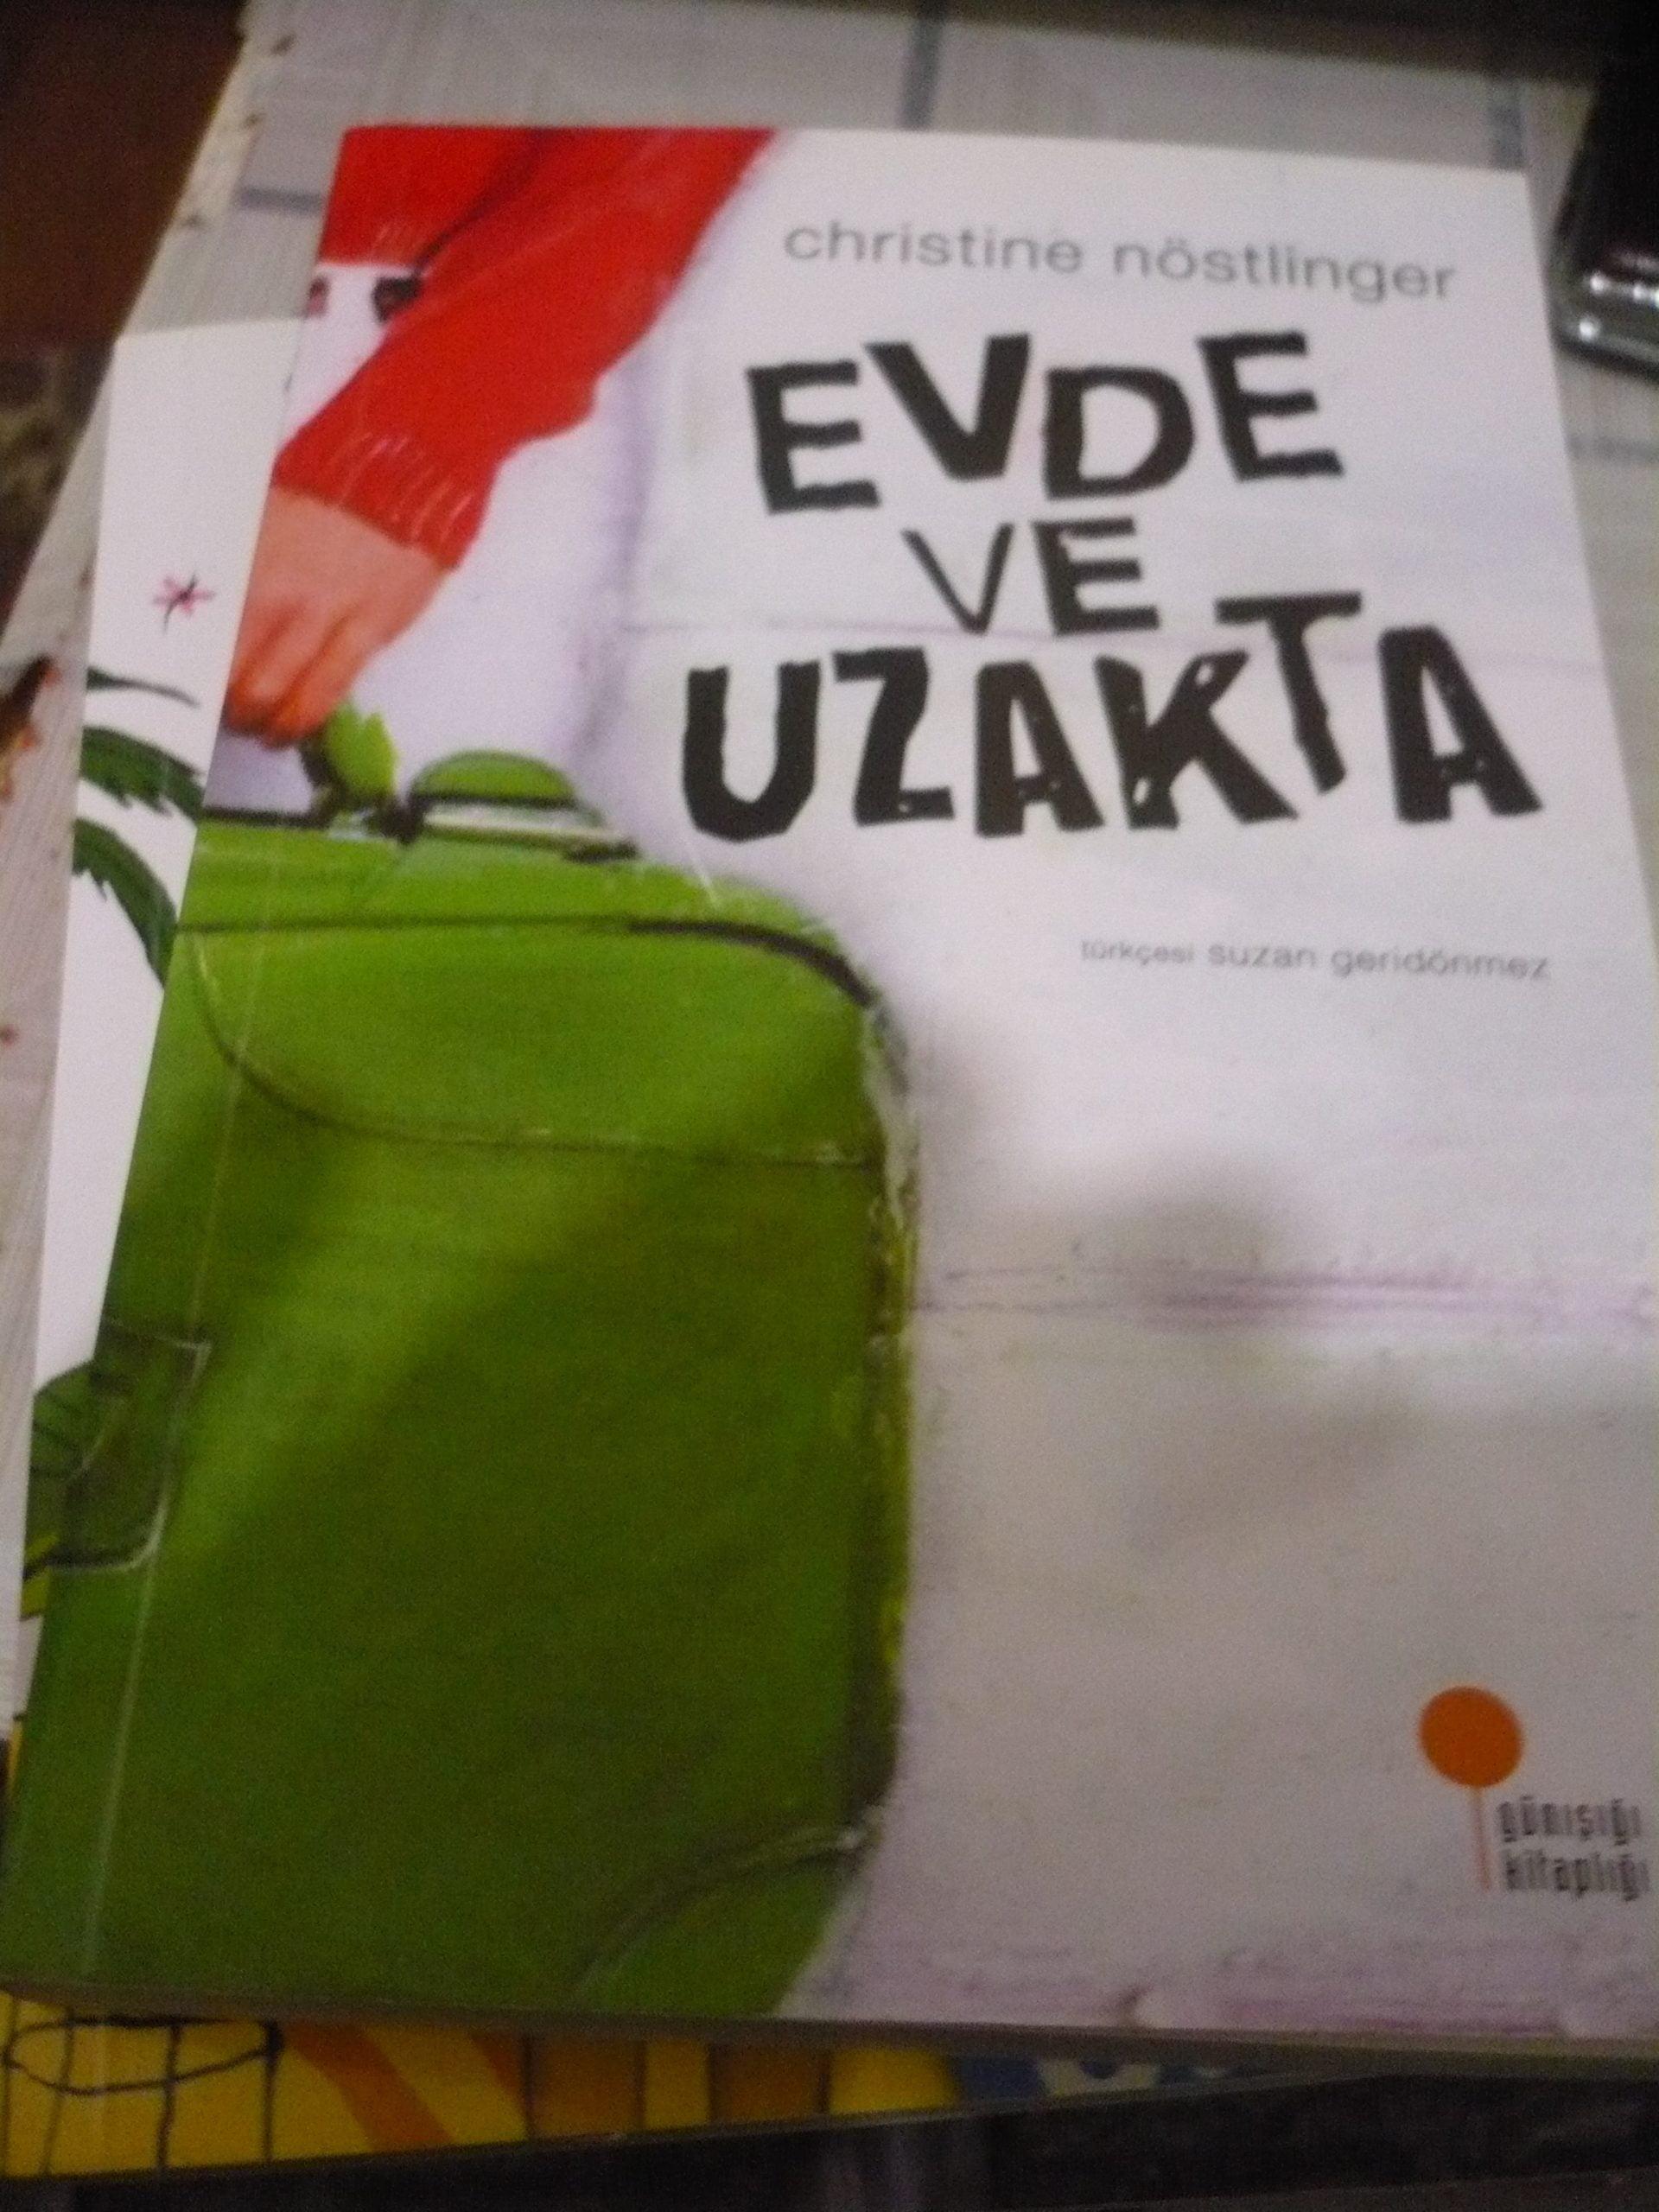 EVDE VE UZAKTA/ Christine Nöstlinger/ 10 tl